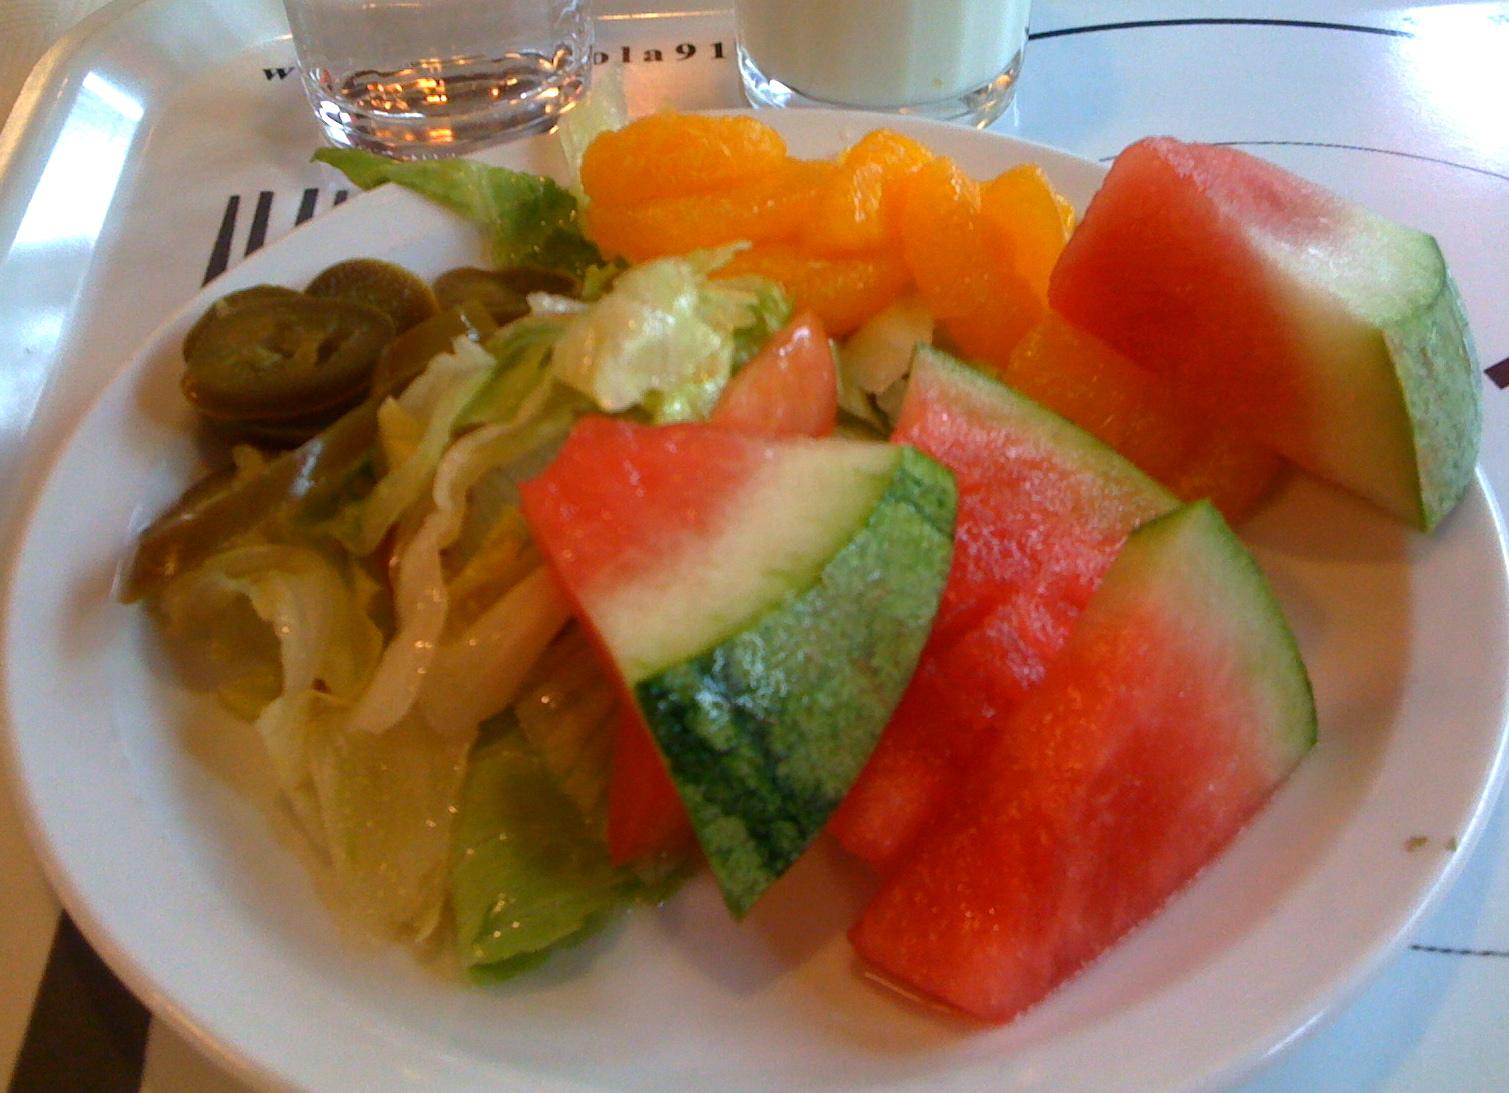 Ravintola 91.1 Kumpulantie, Helsinki: Salaattipöydän antimia